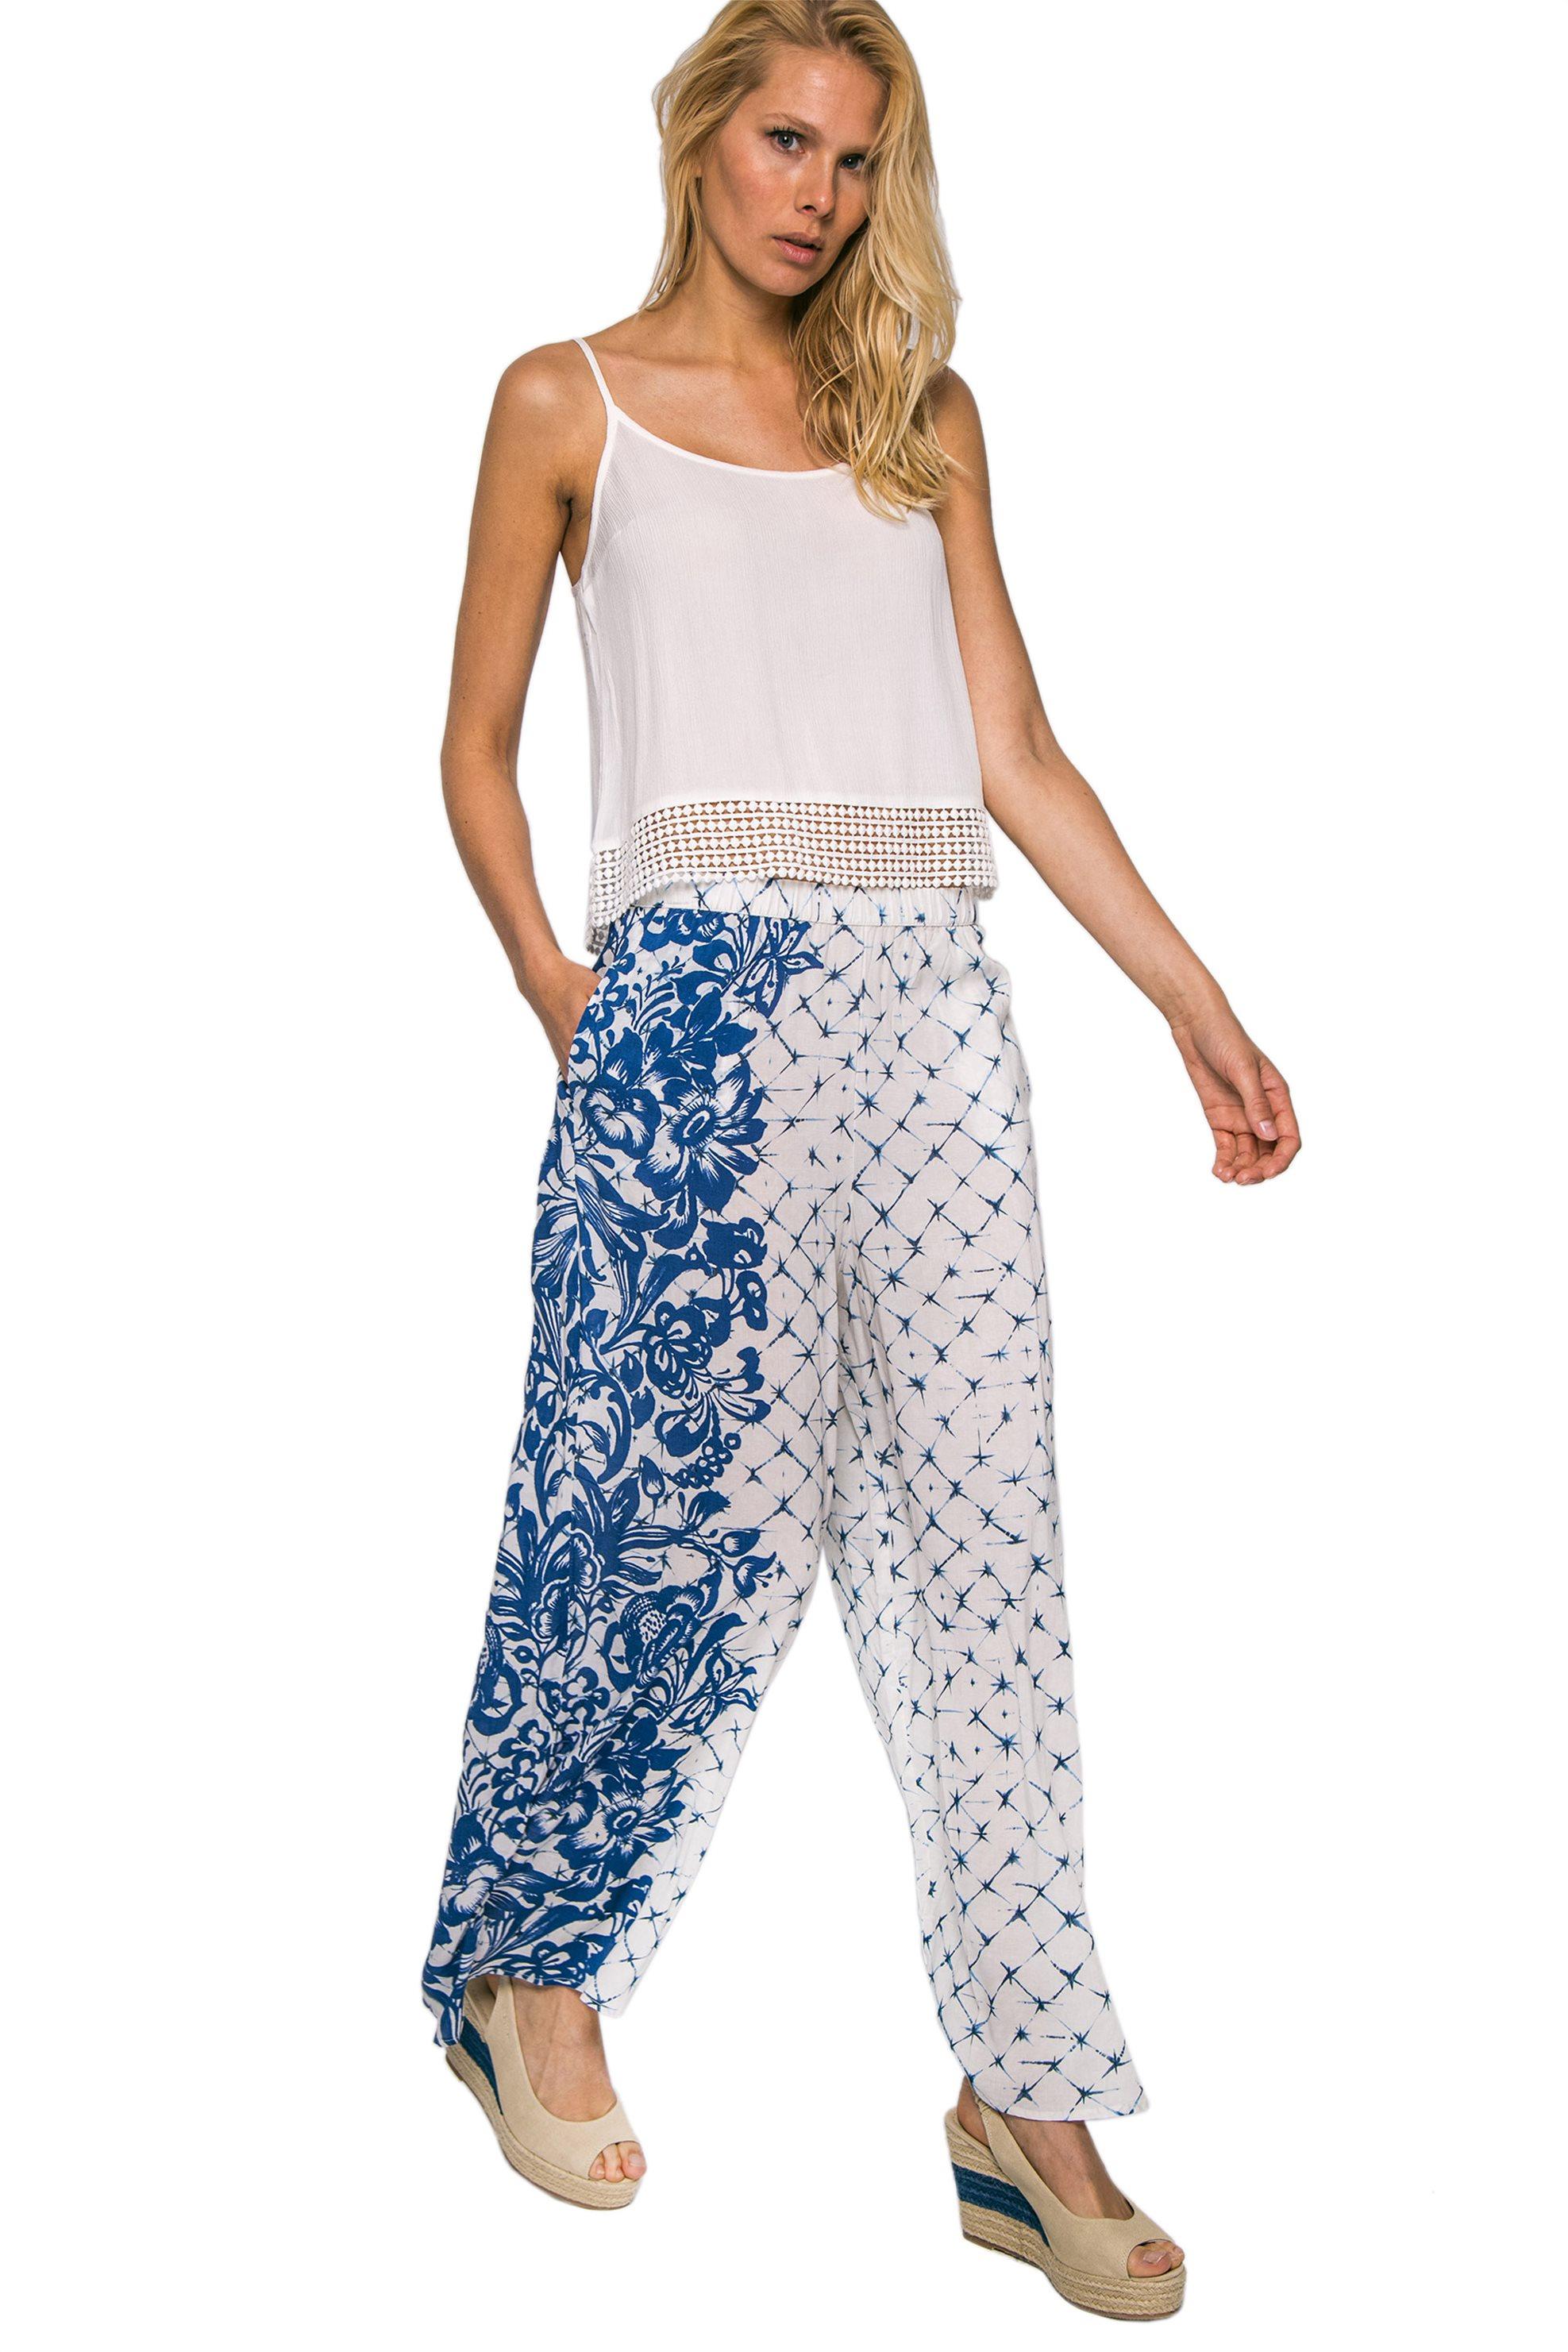 649fa224c099 Γυναικεία   Ρούχα   Παντελόνια   Casual   Παντελόνες   Floral ...